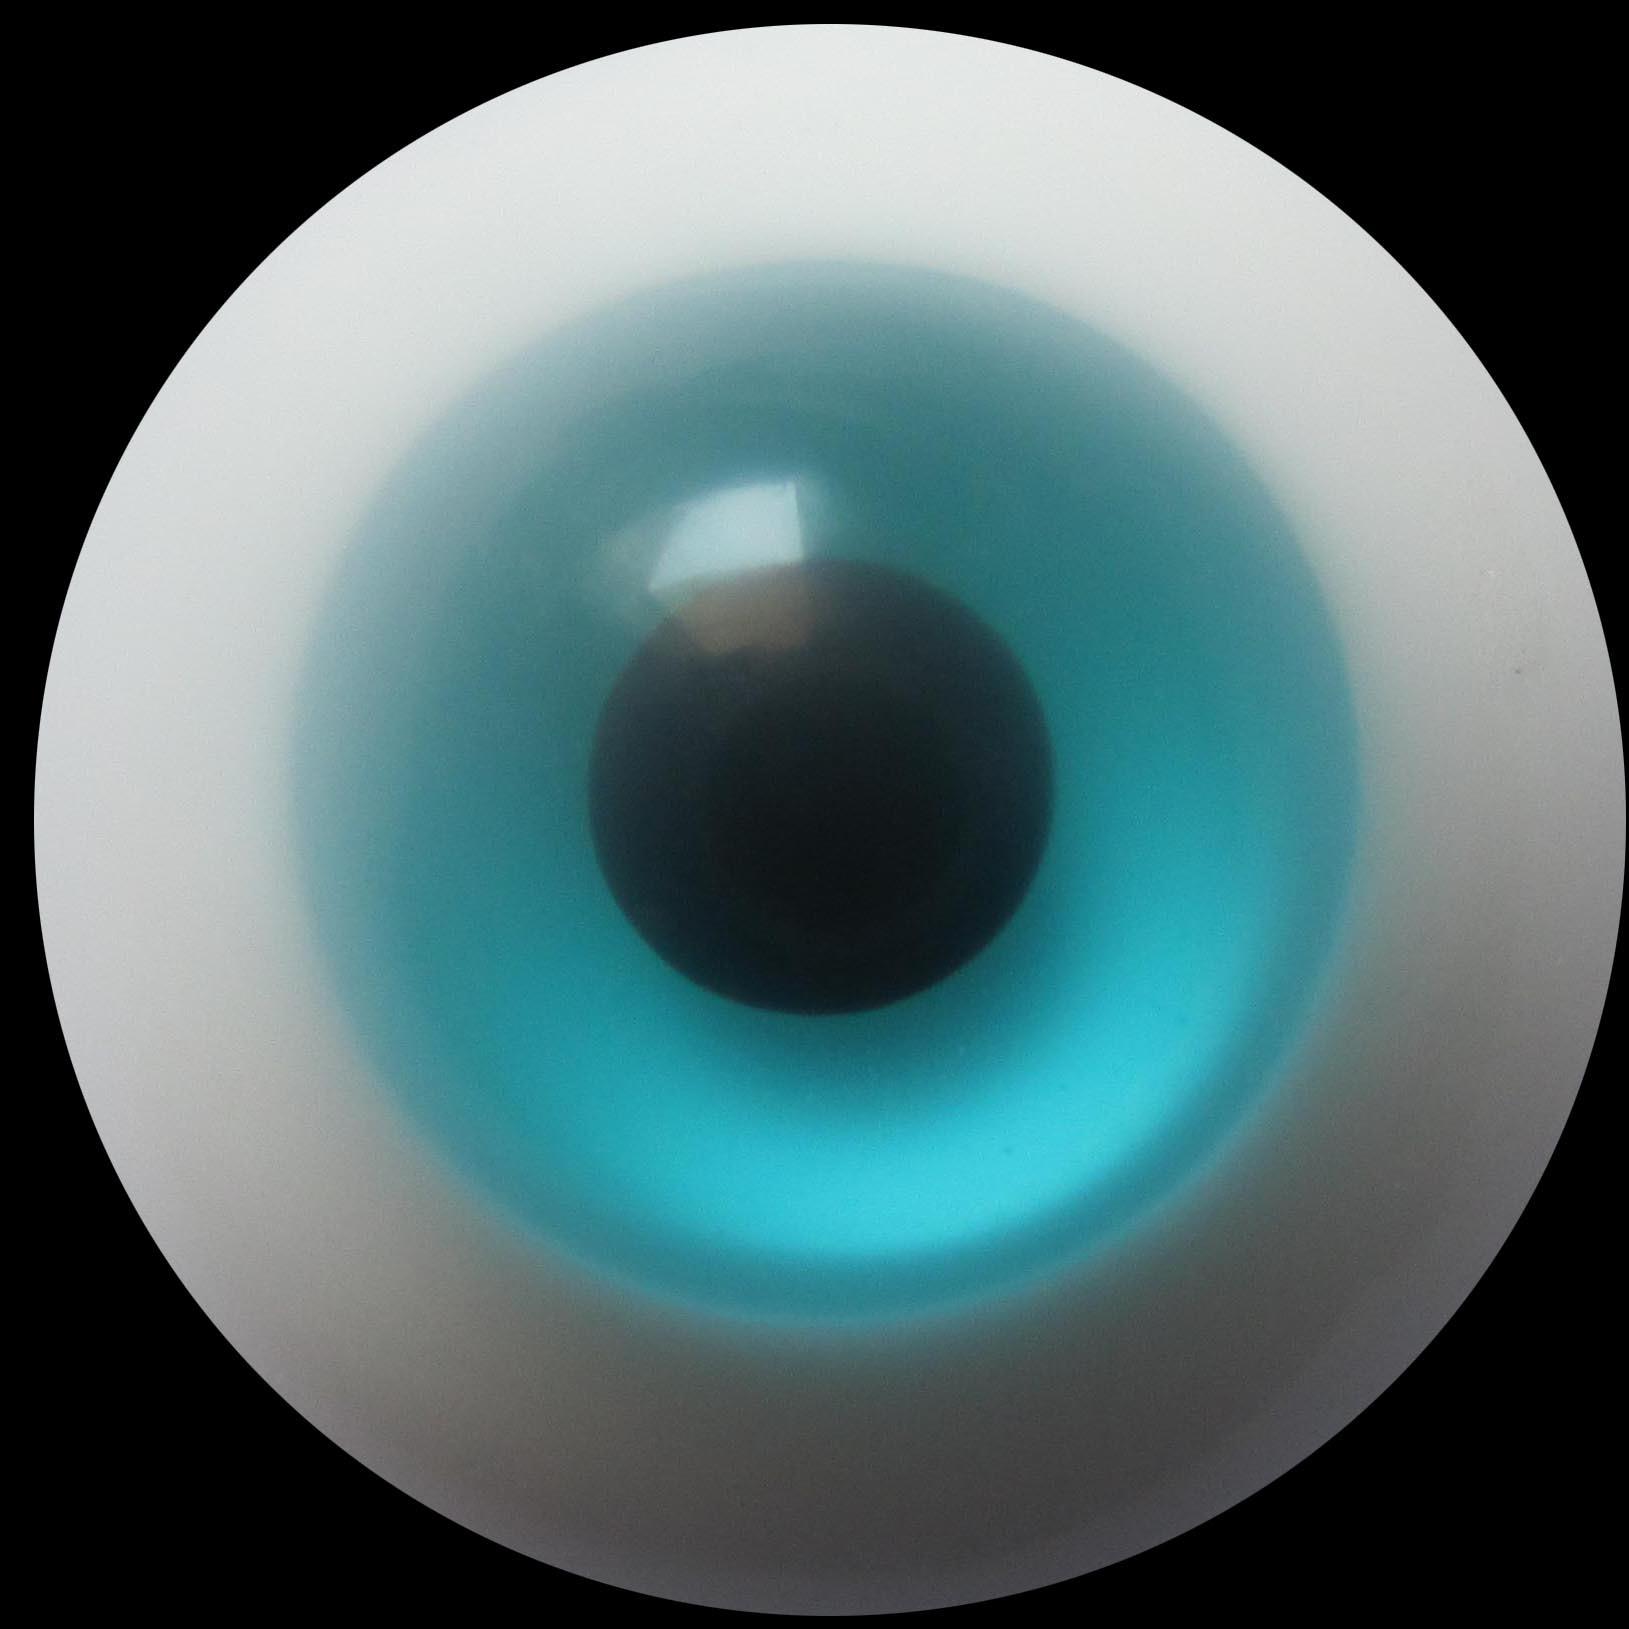 订做bjd、sd、可儿、自制娃娃淡兰色玻璃眼睛珠,尺寸8MM至20MM